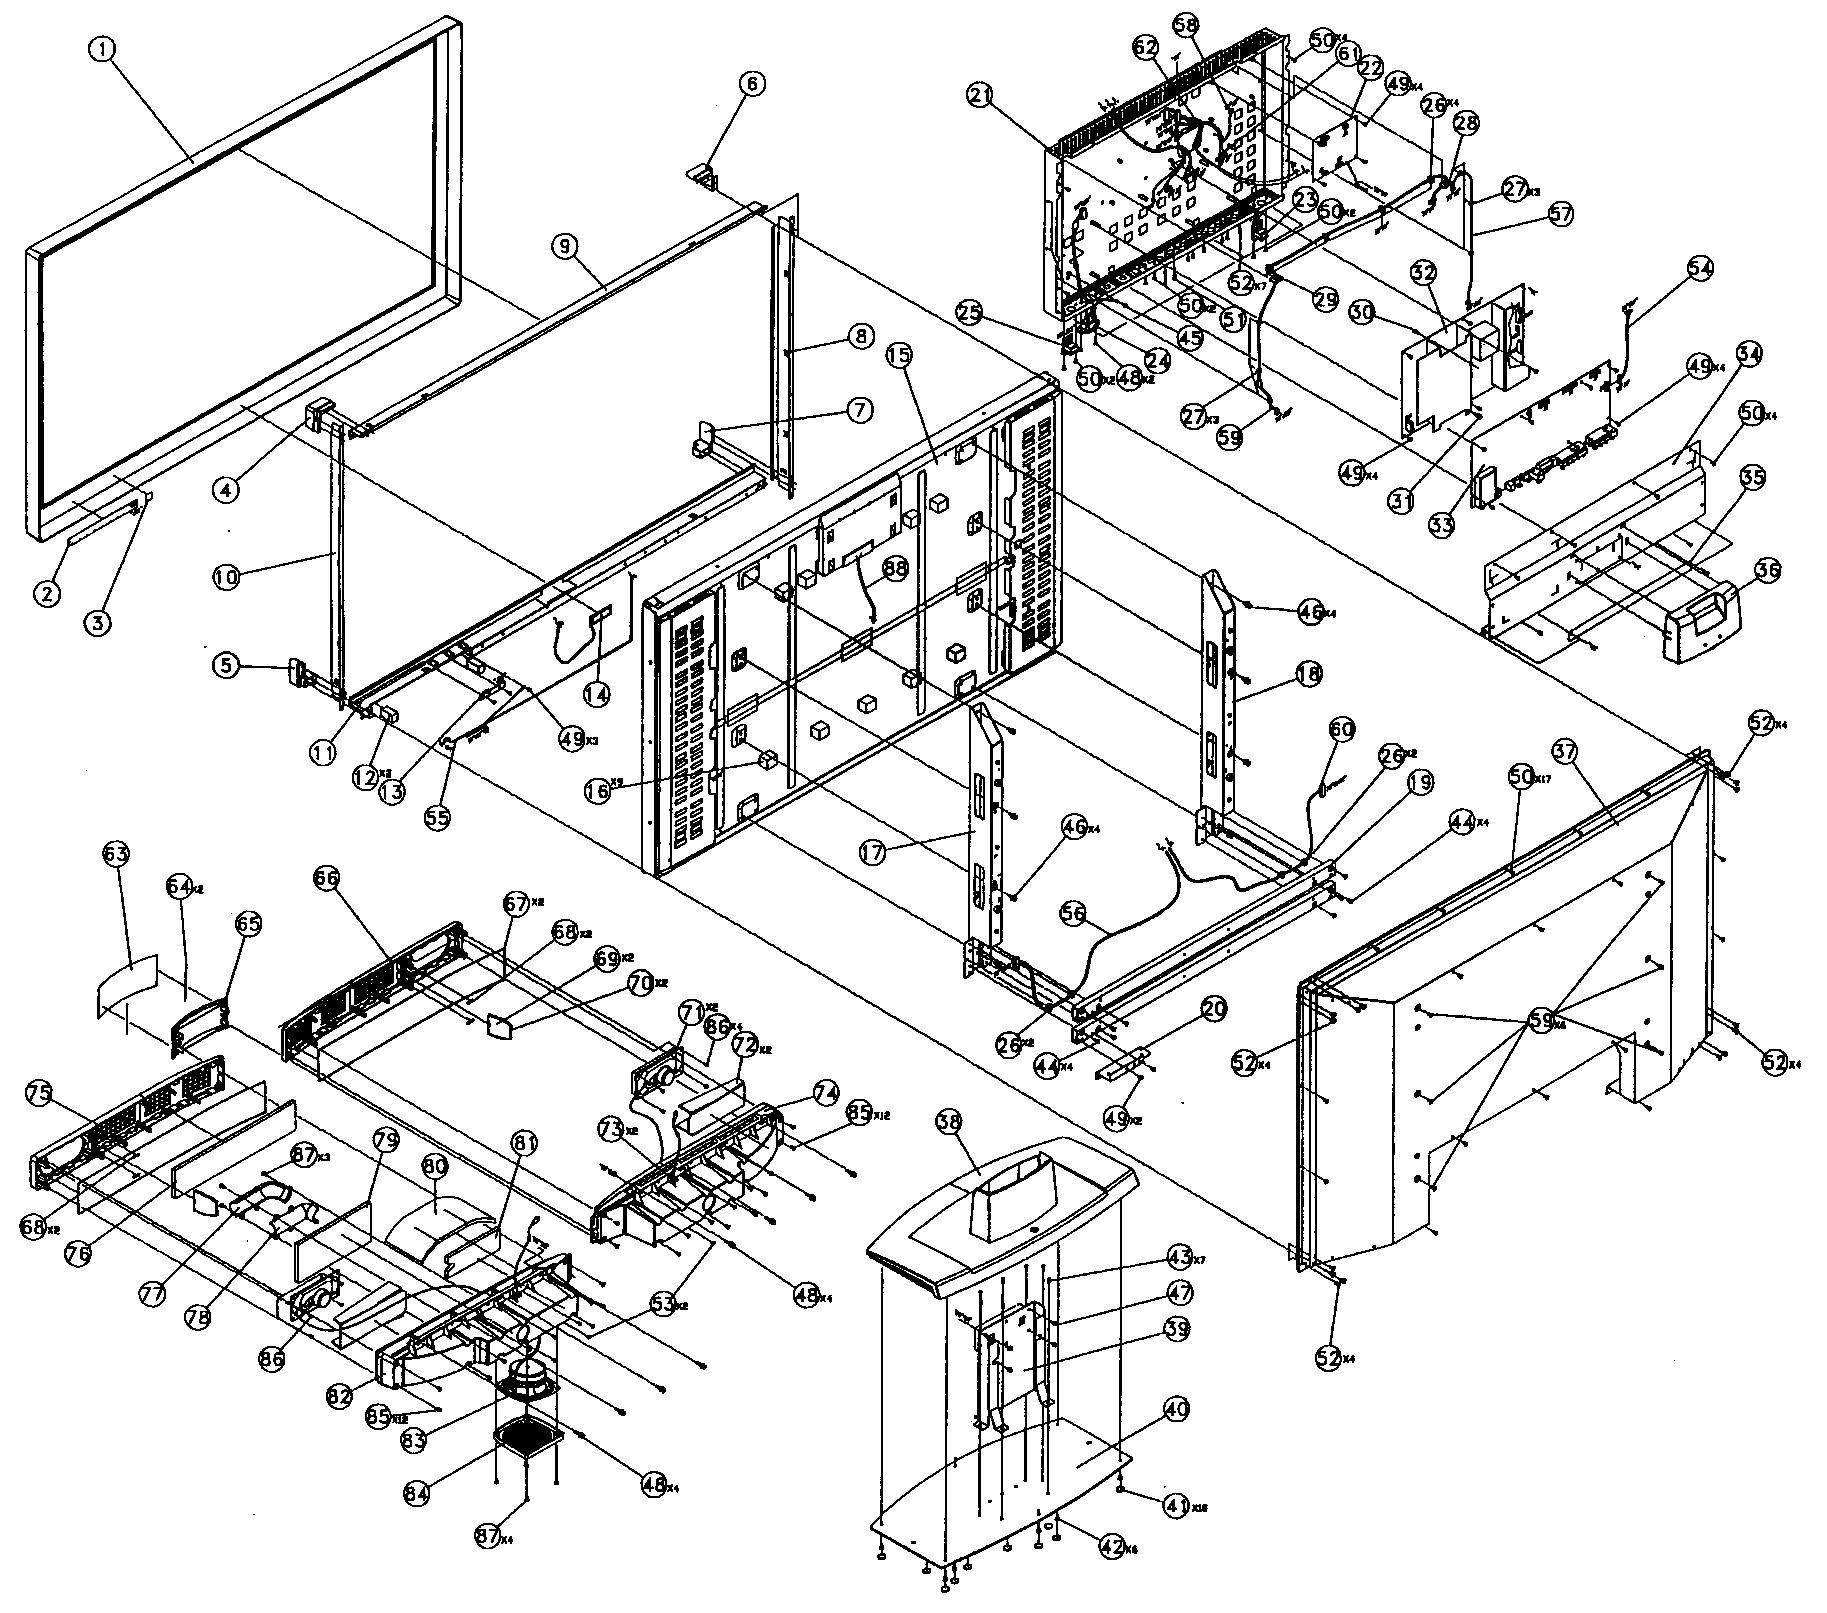 Vizio model gv47lfhdtv10a lcd television genuine parts